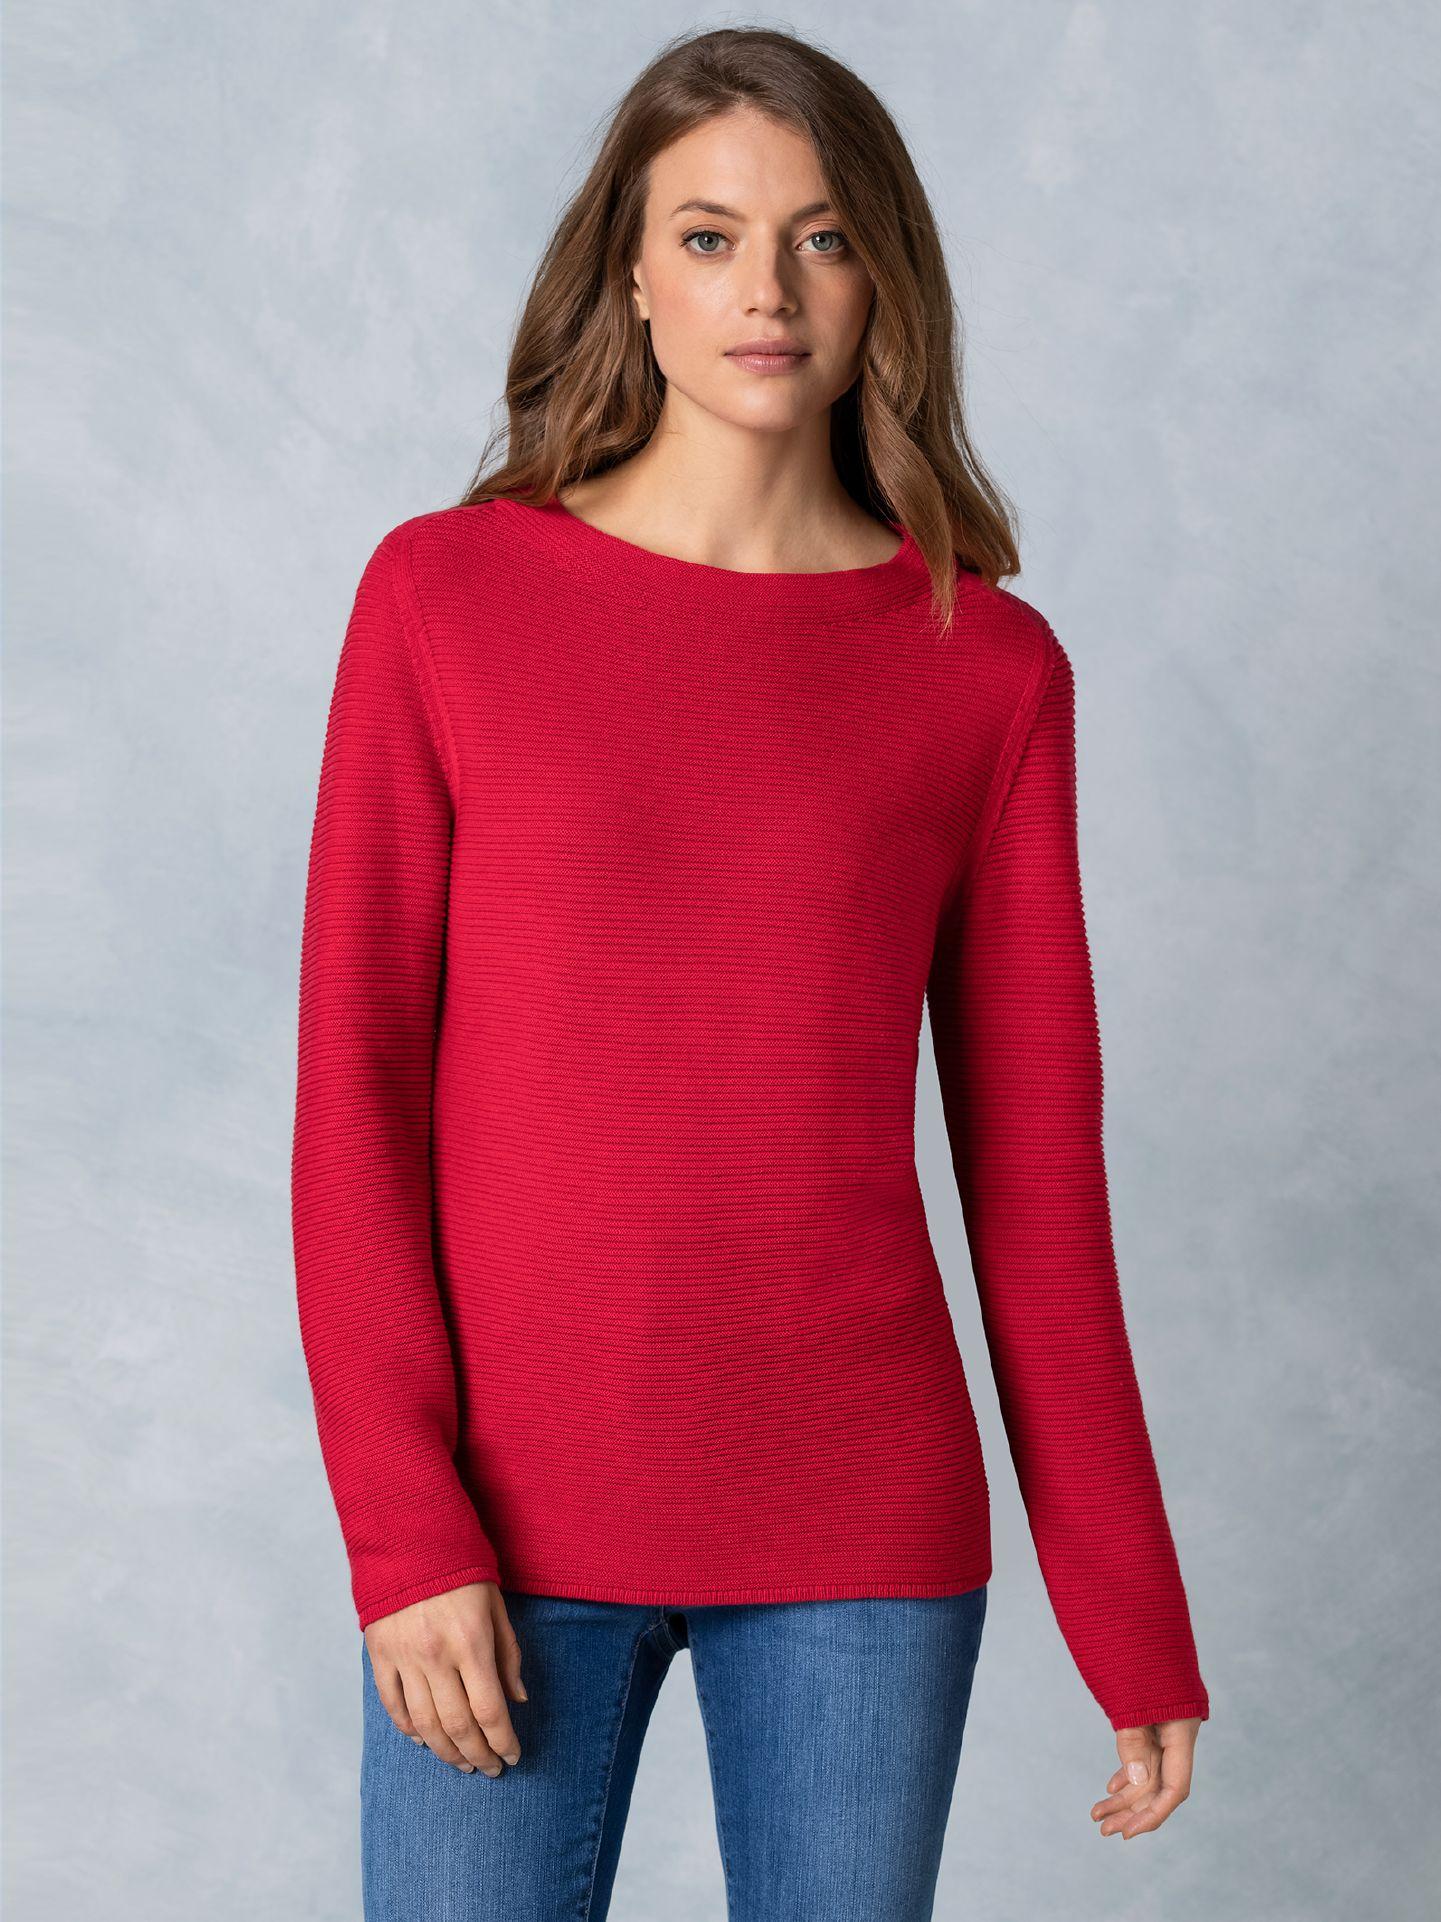 Walbusch Damen Pullover Rot einfarbig   Gr. 36, 38, 40, 42, 44, 46, 48/50, 52/54 36, 38, 40, 42, 44, 46, 48/50, 52/54